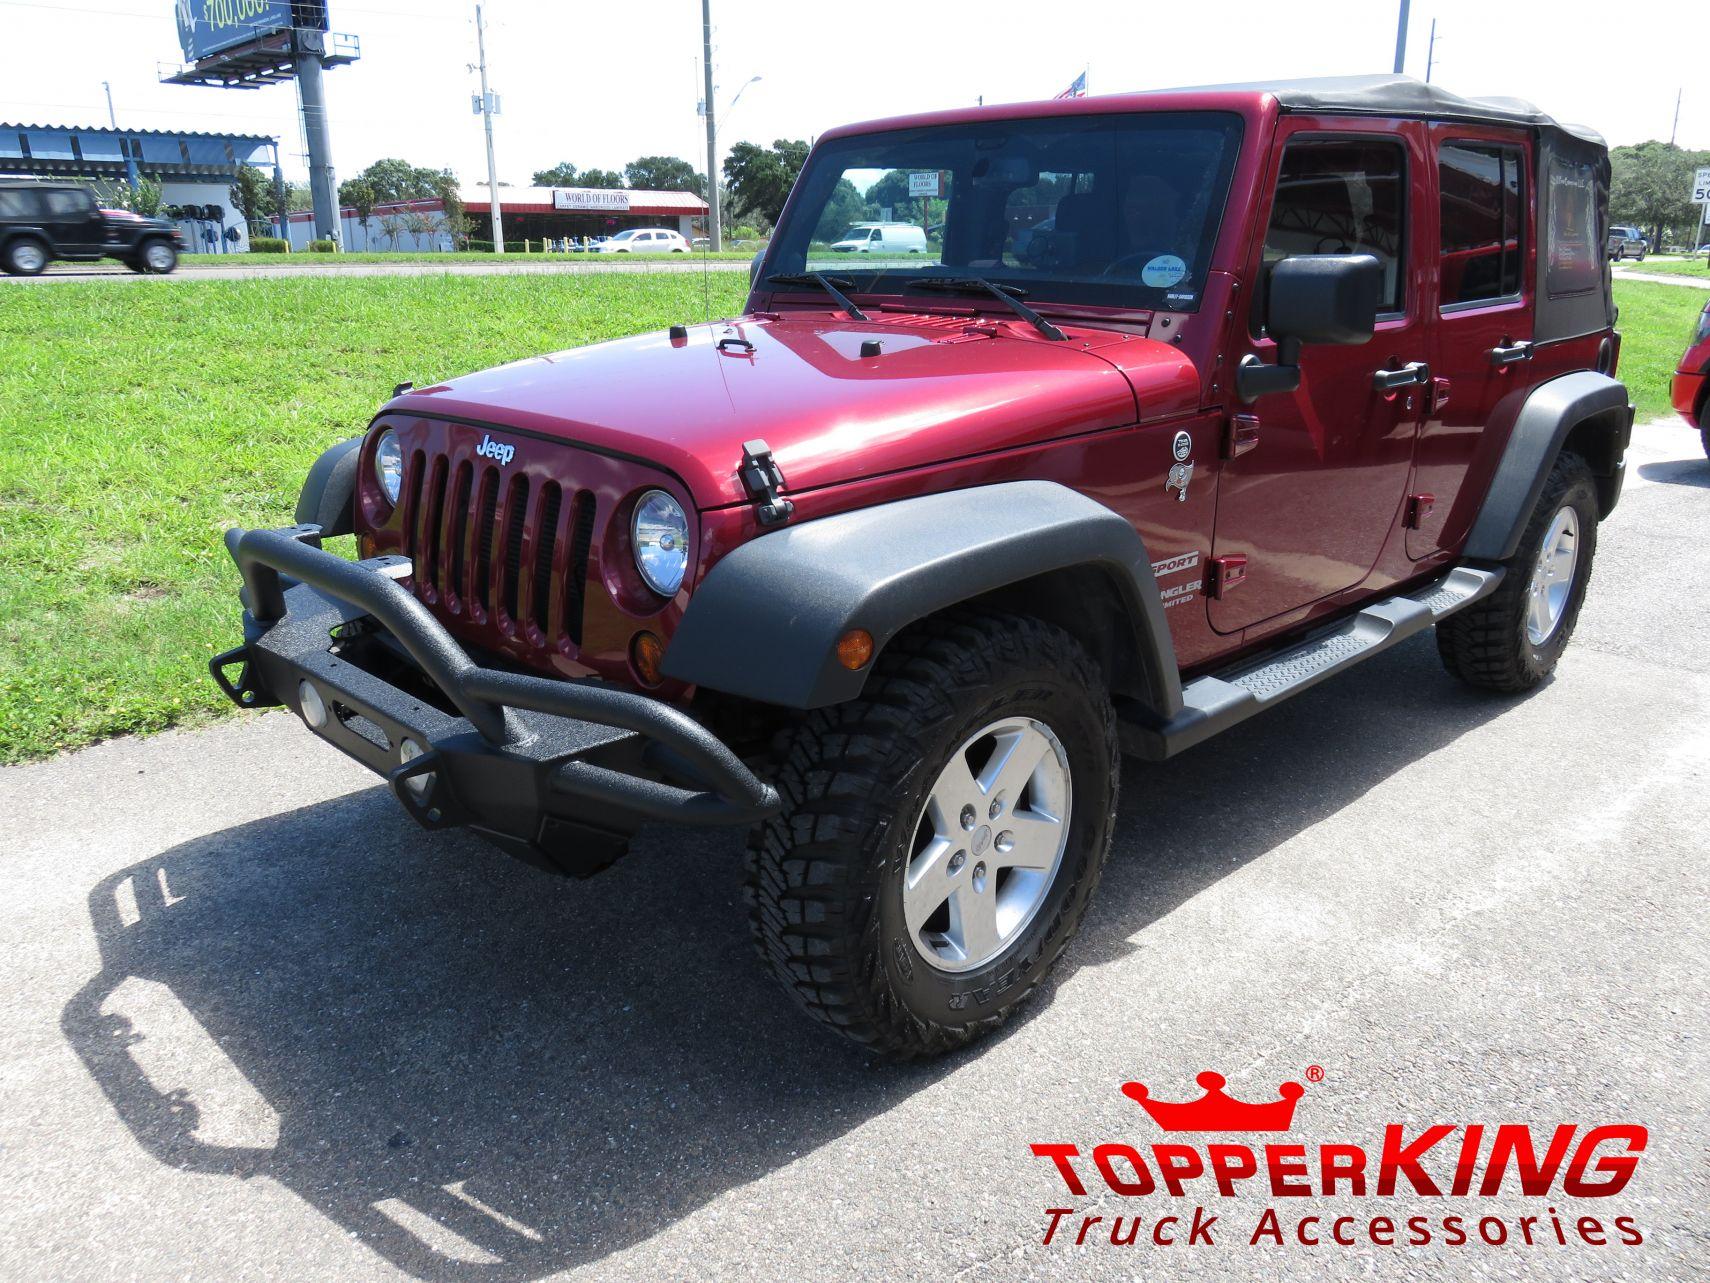 2013 Jeep Wrangler SmittyBilt Bumper - TopperKING